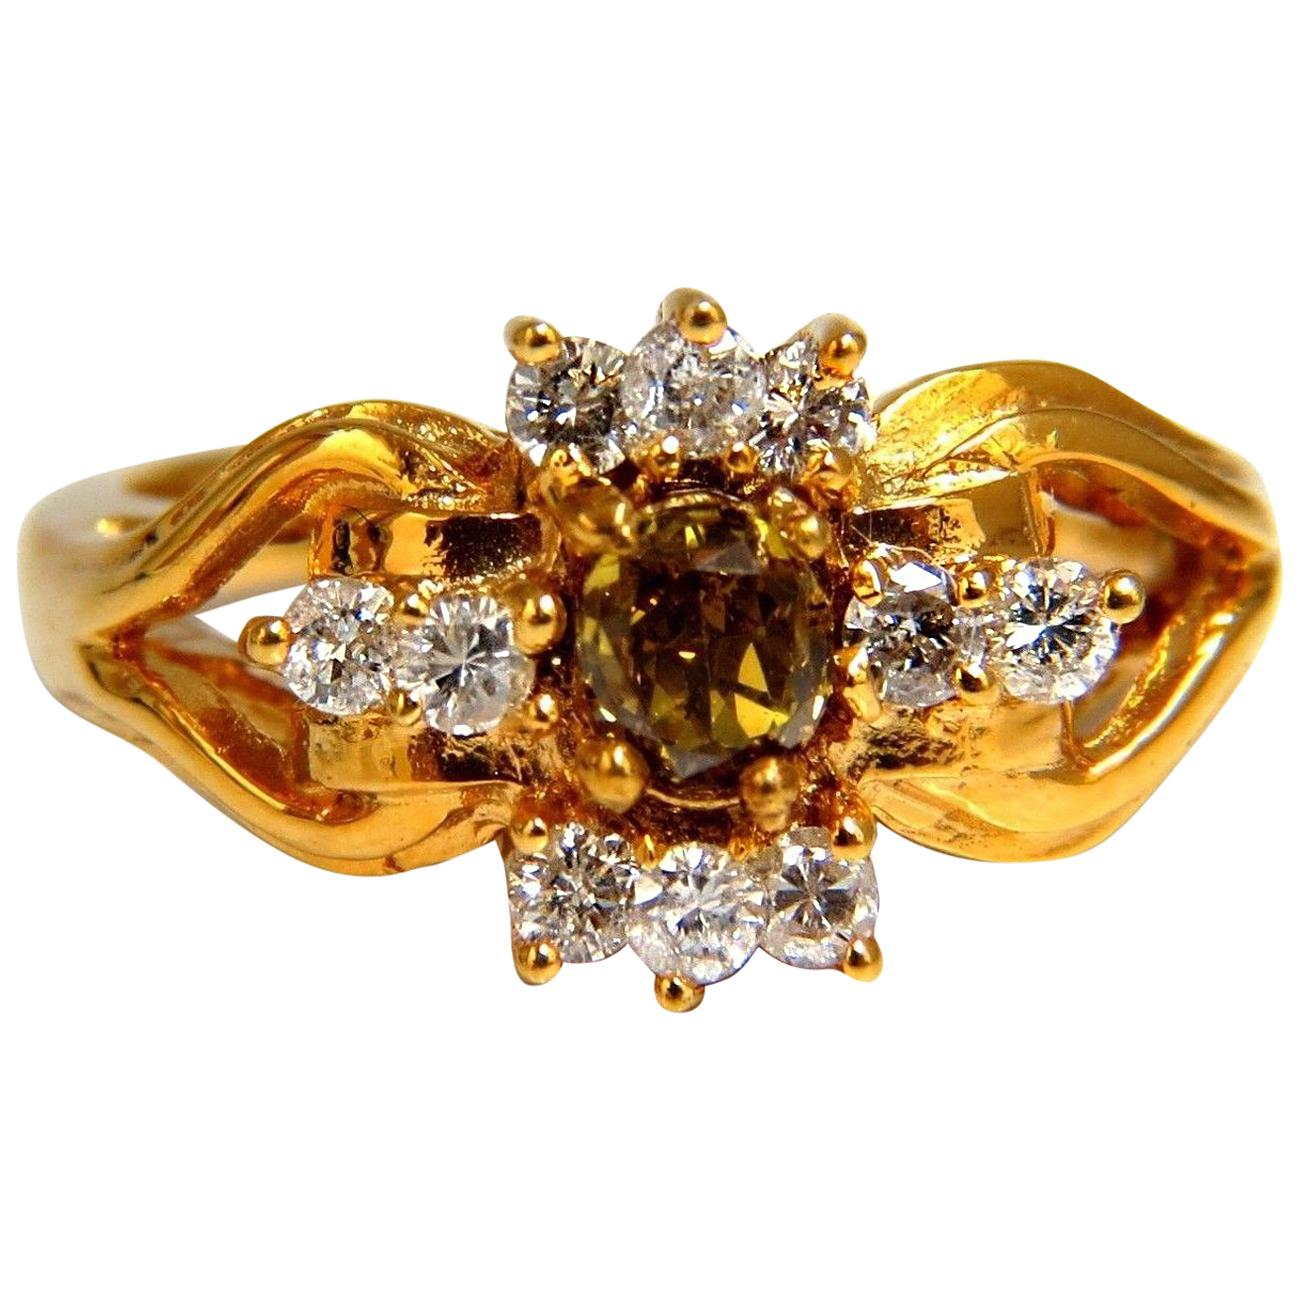 .83 Carat Natural Fancy Vivid Yellow Brown Diamond Ring 14 Karat